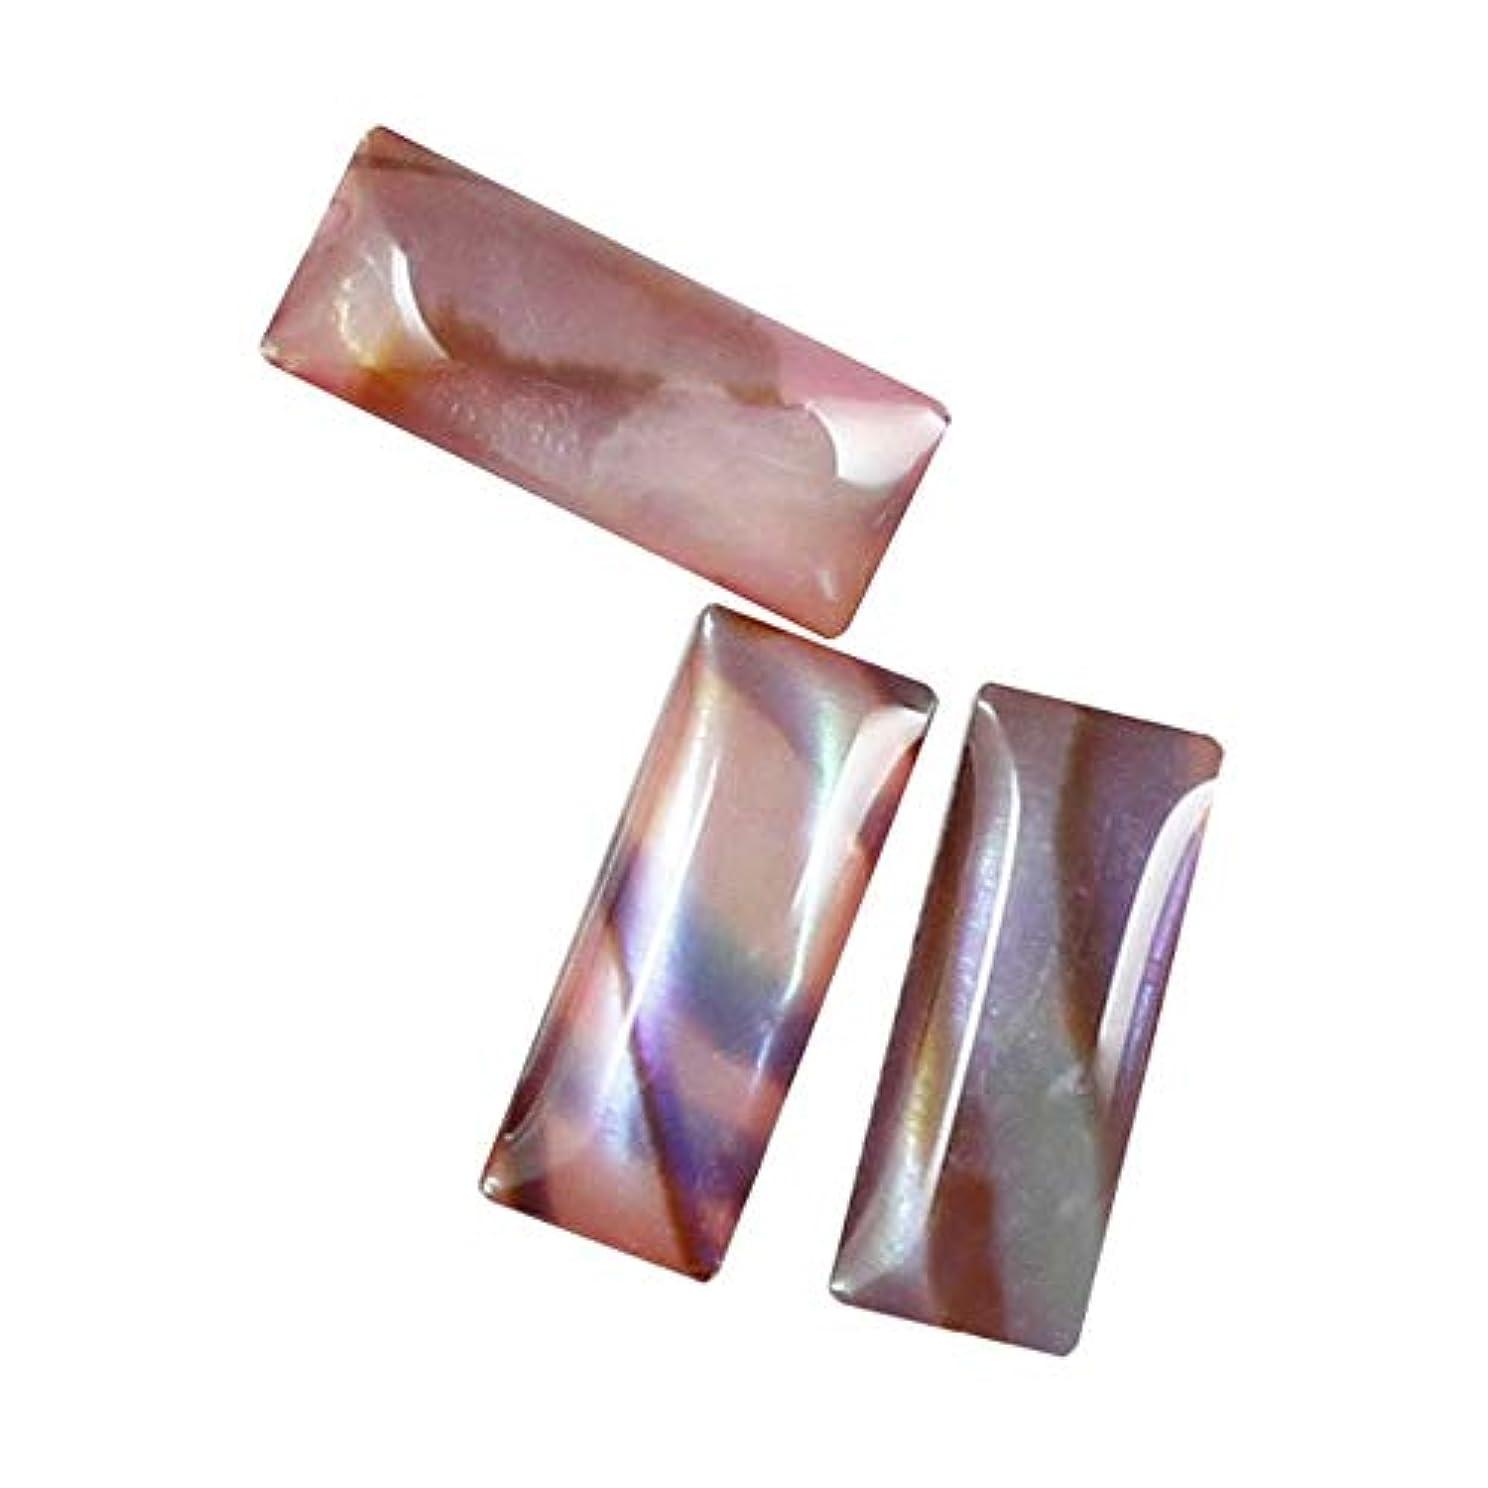 アグネスグレイアトラス揮発性Mpetit B716 シェルストーンレクタンブルピンク